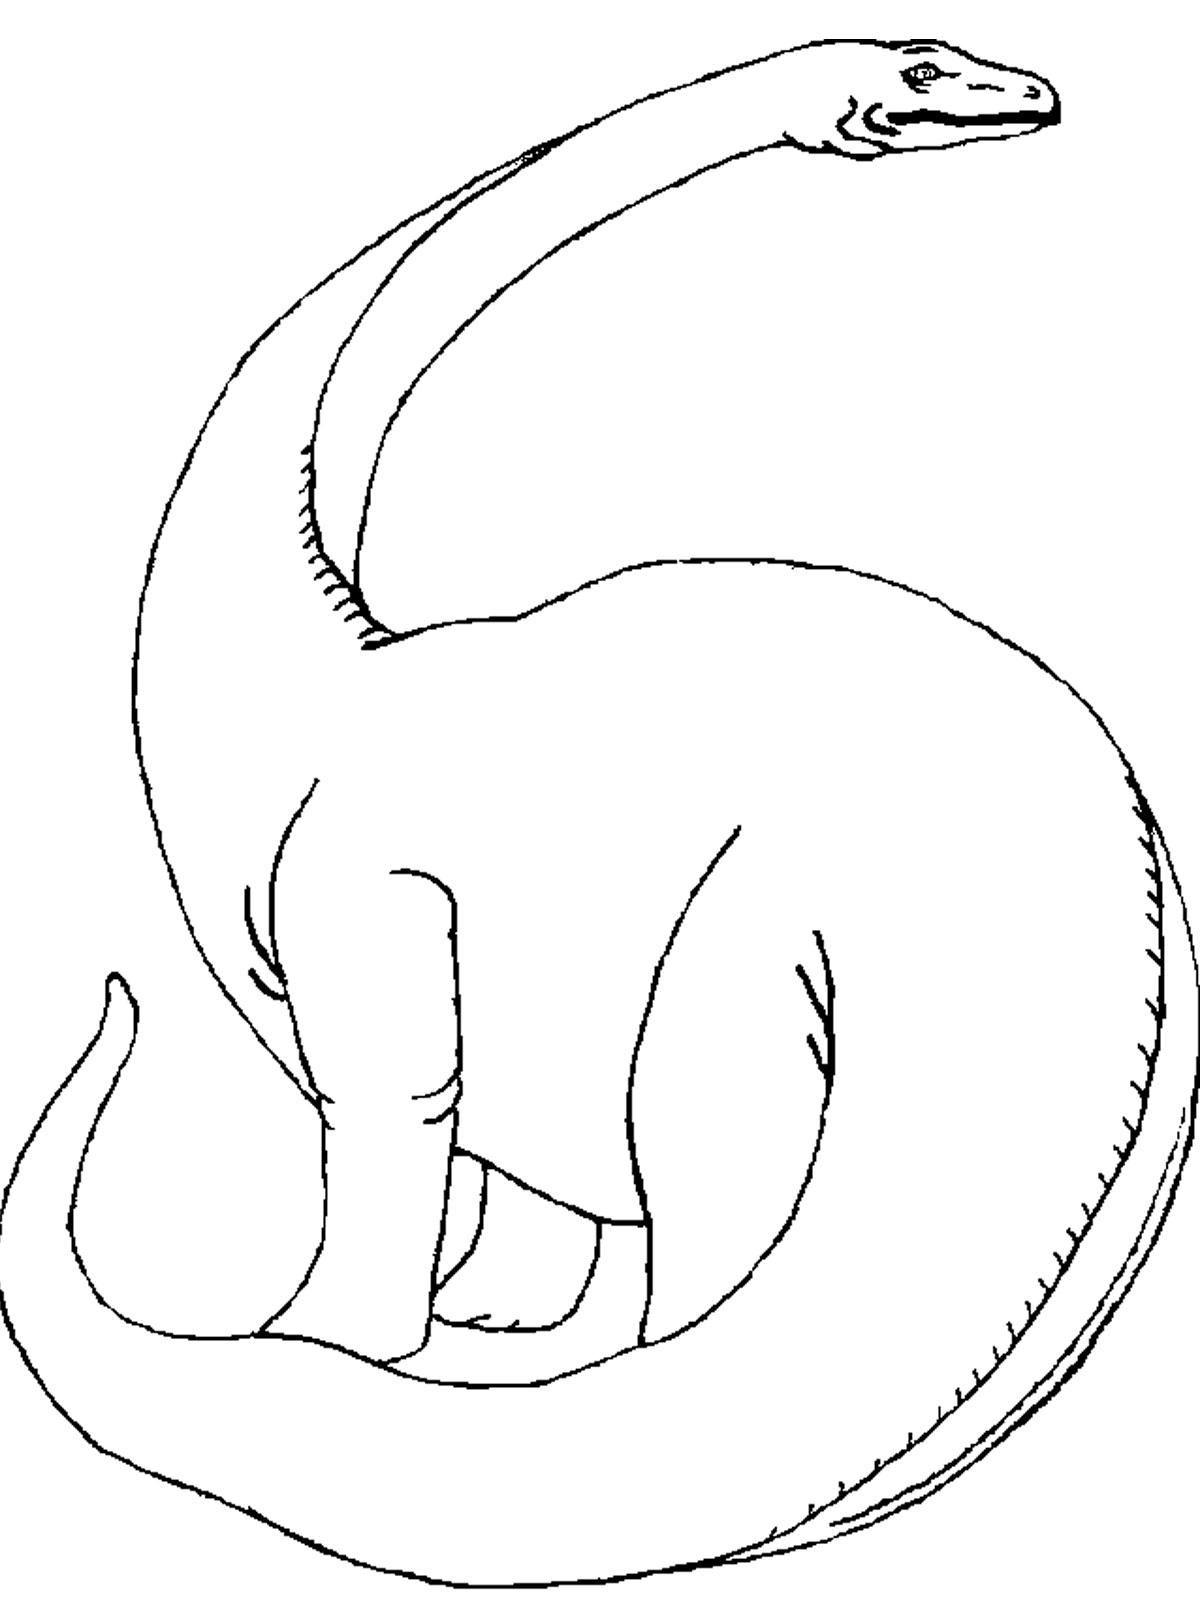 Онлайн раскраски с динозаврами